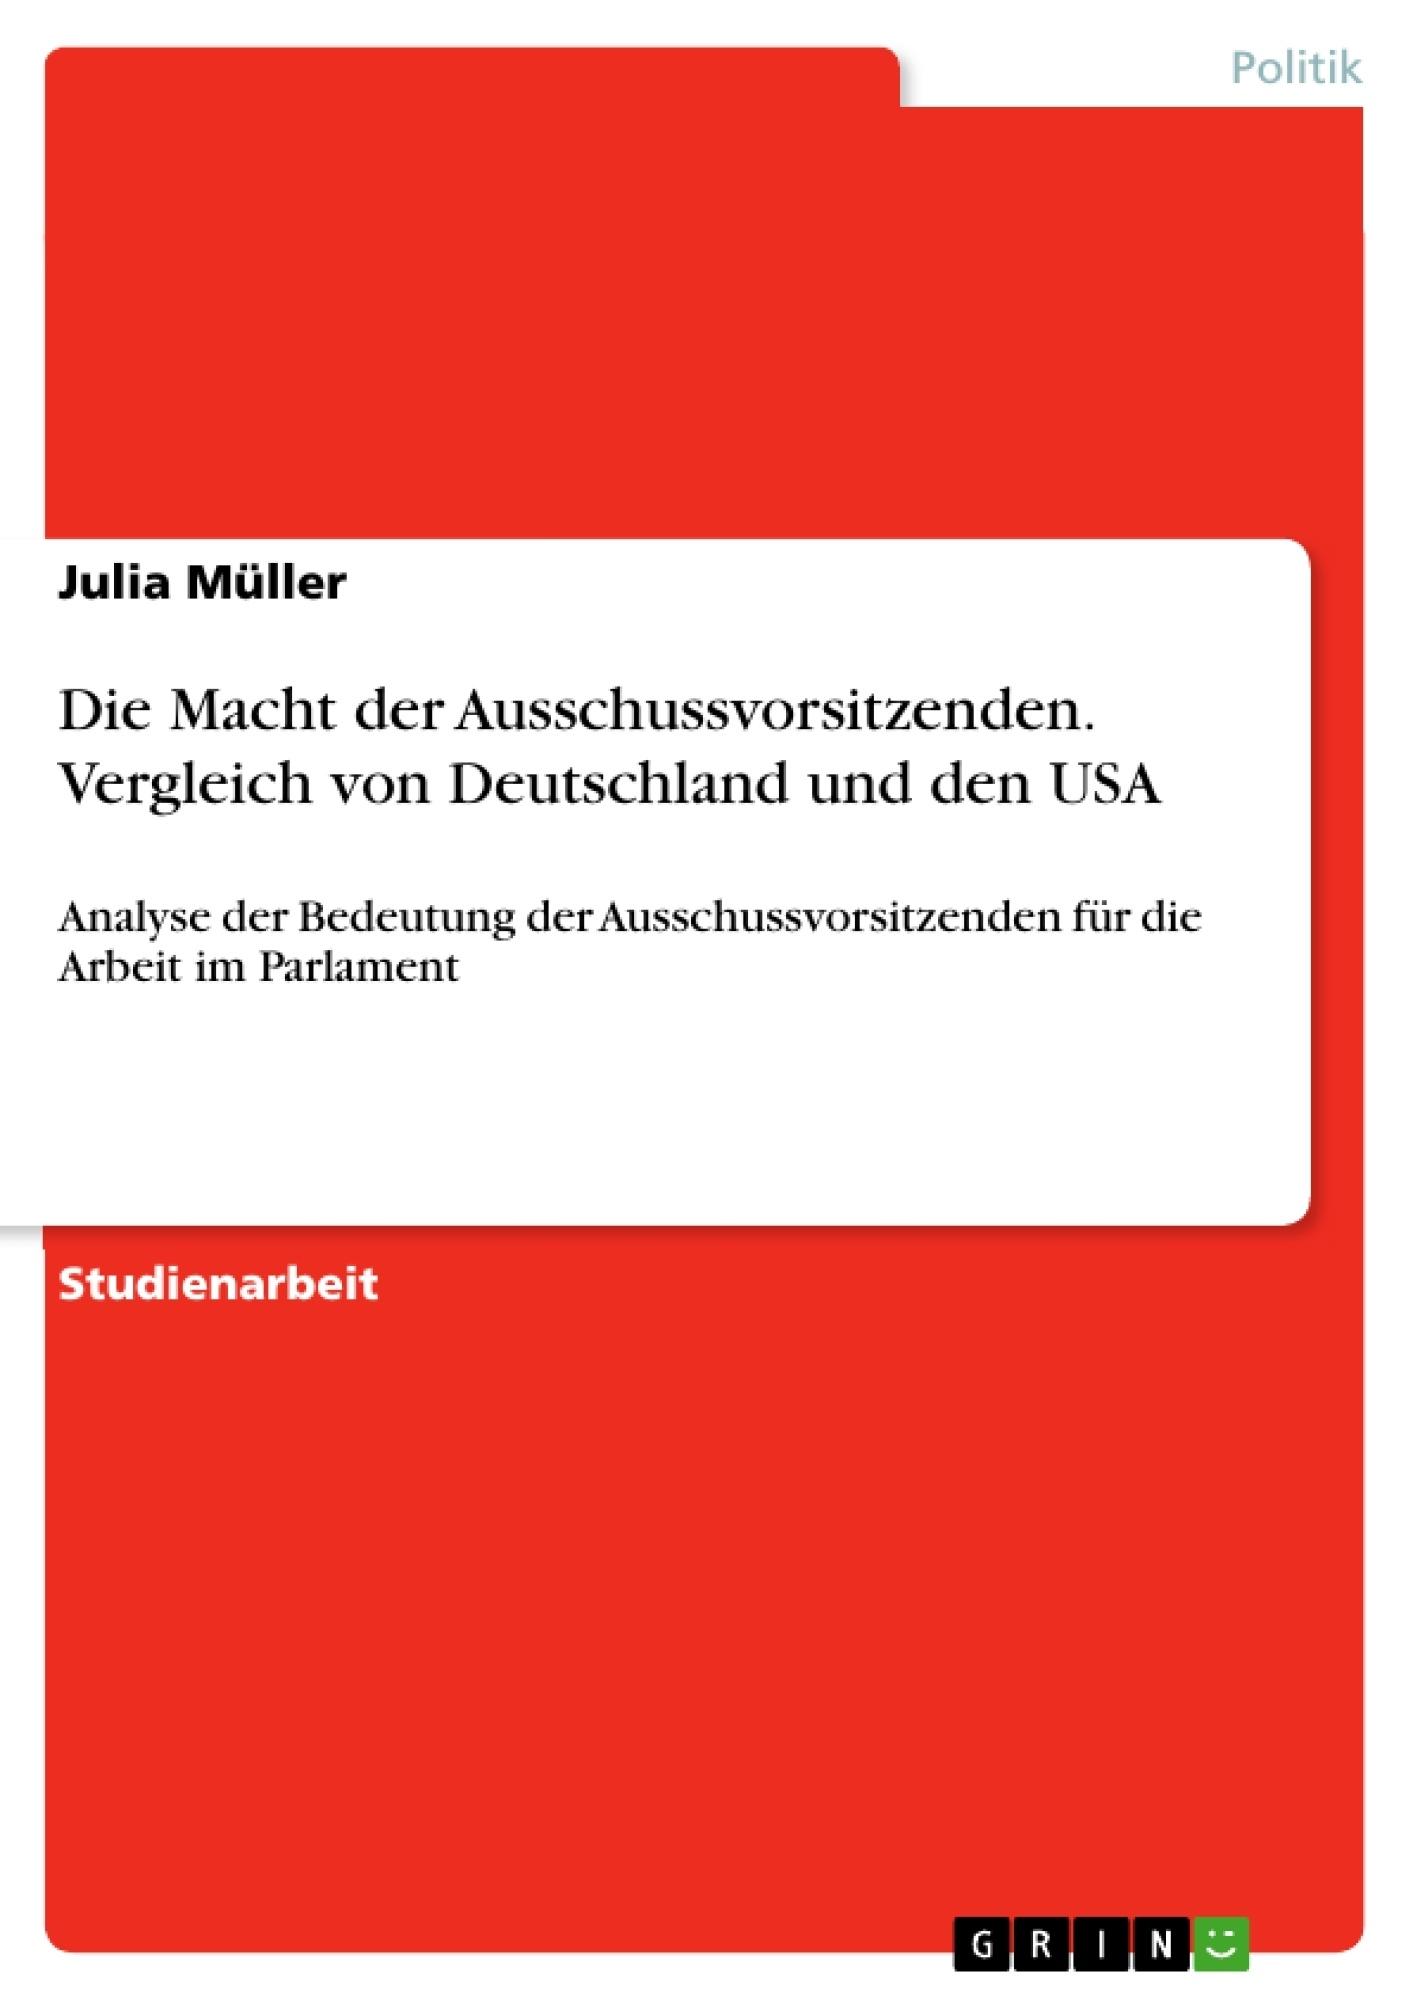 Titel: Die Macht der Ausschussvorsitzenden. Vergleich von Deutschland und den USA